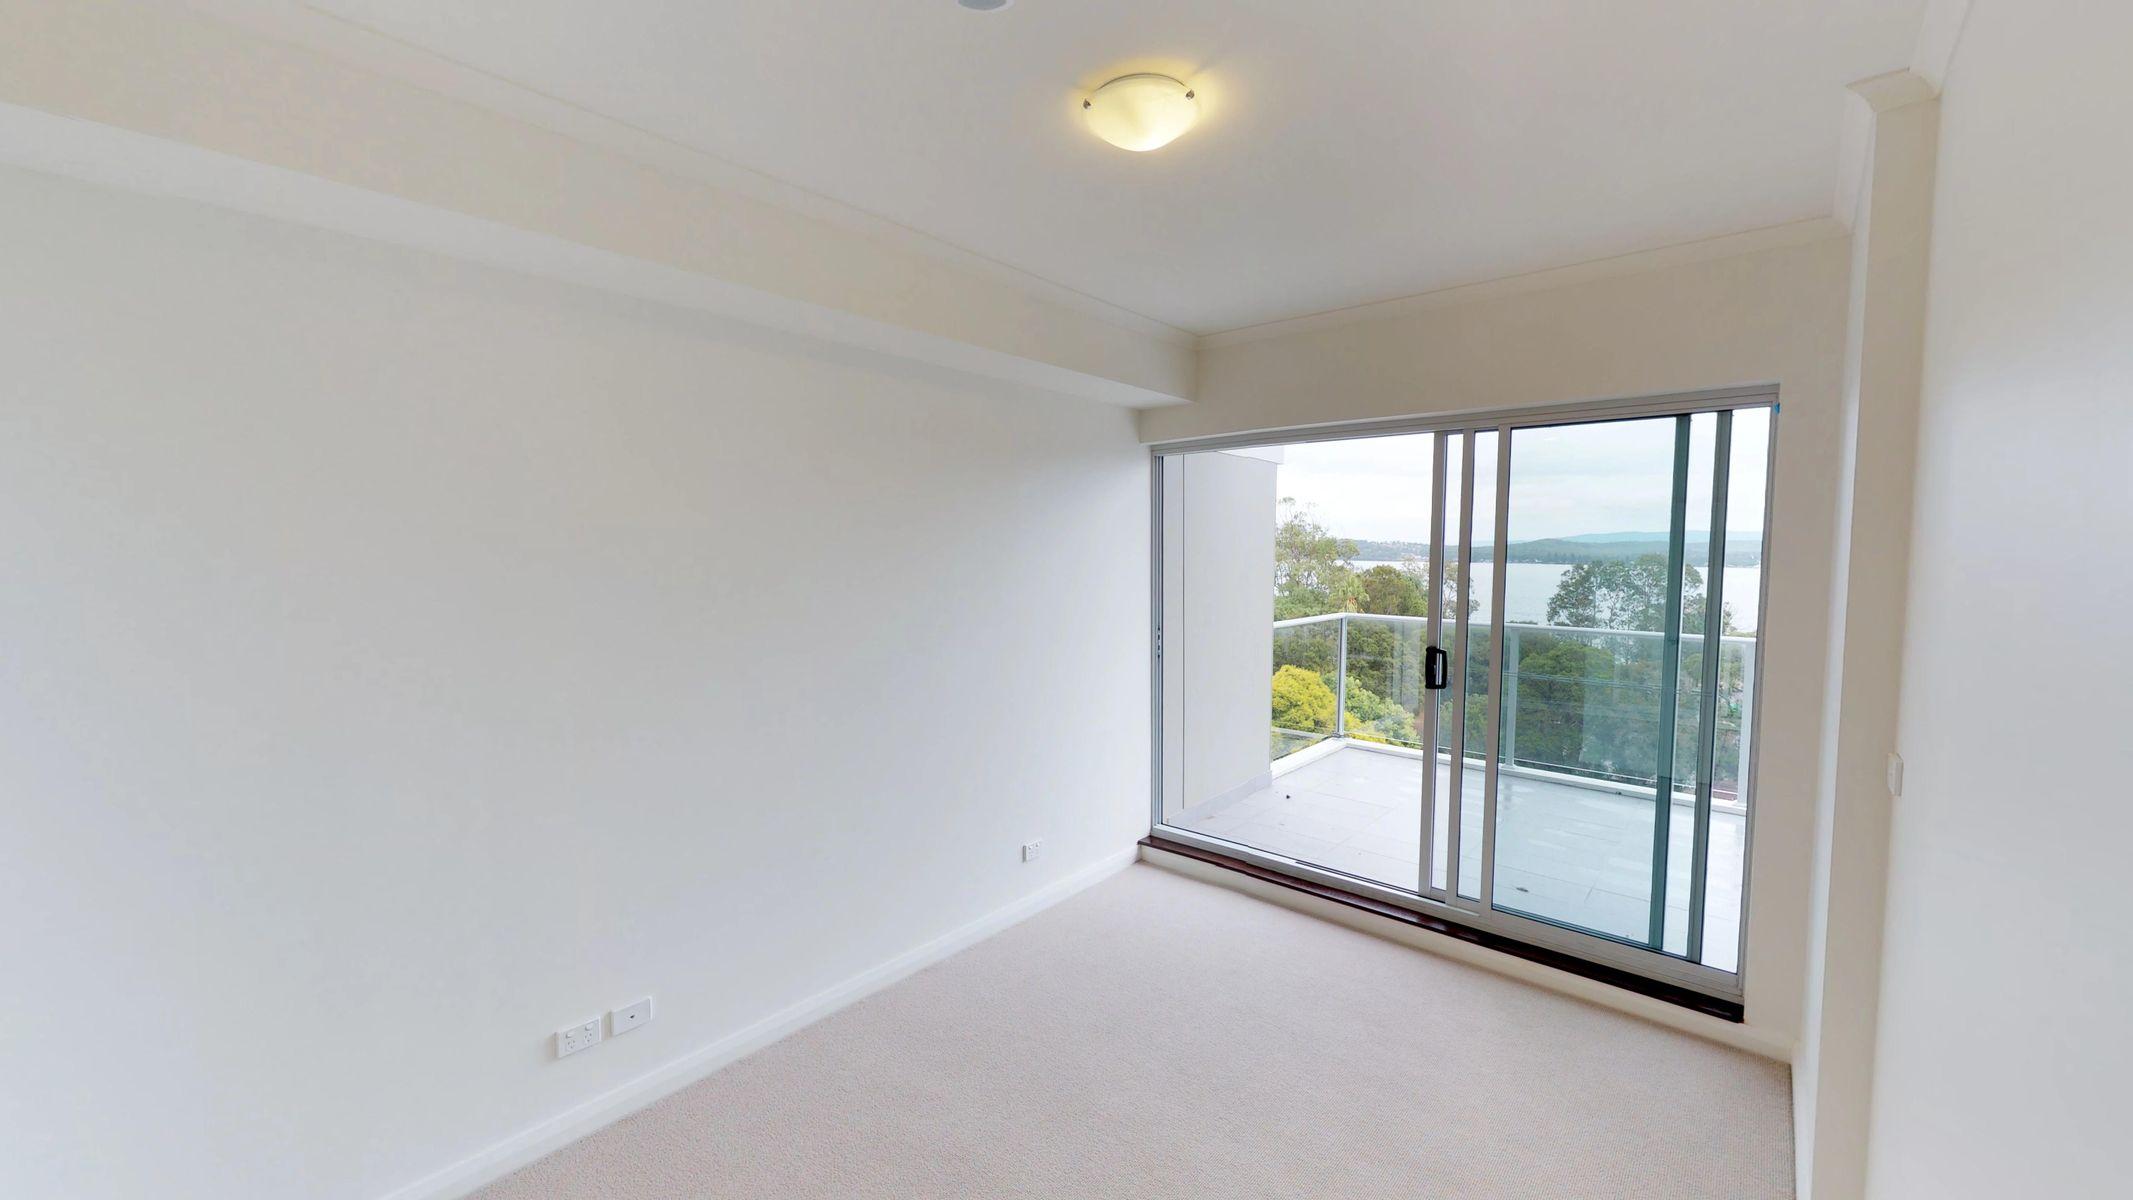 314/2 HOWARD STREET, Warners Bay NSW 2282